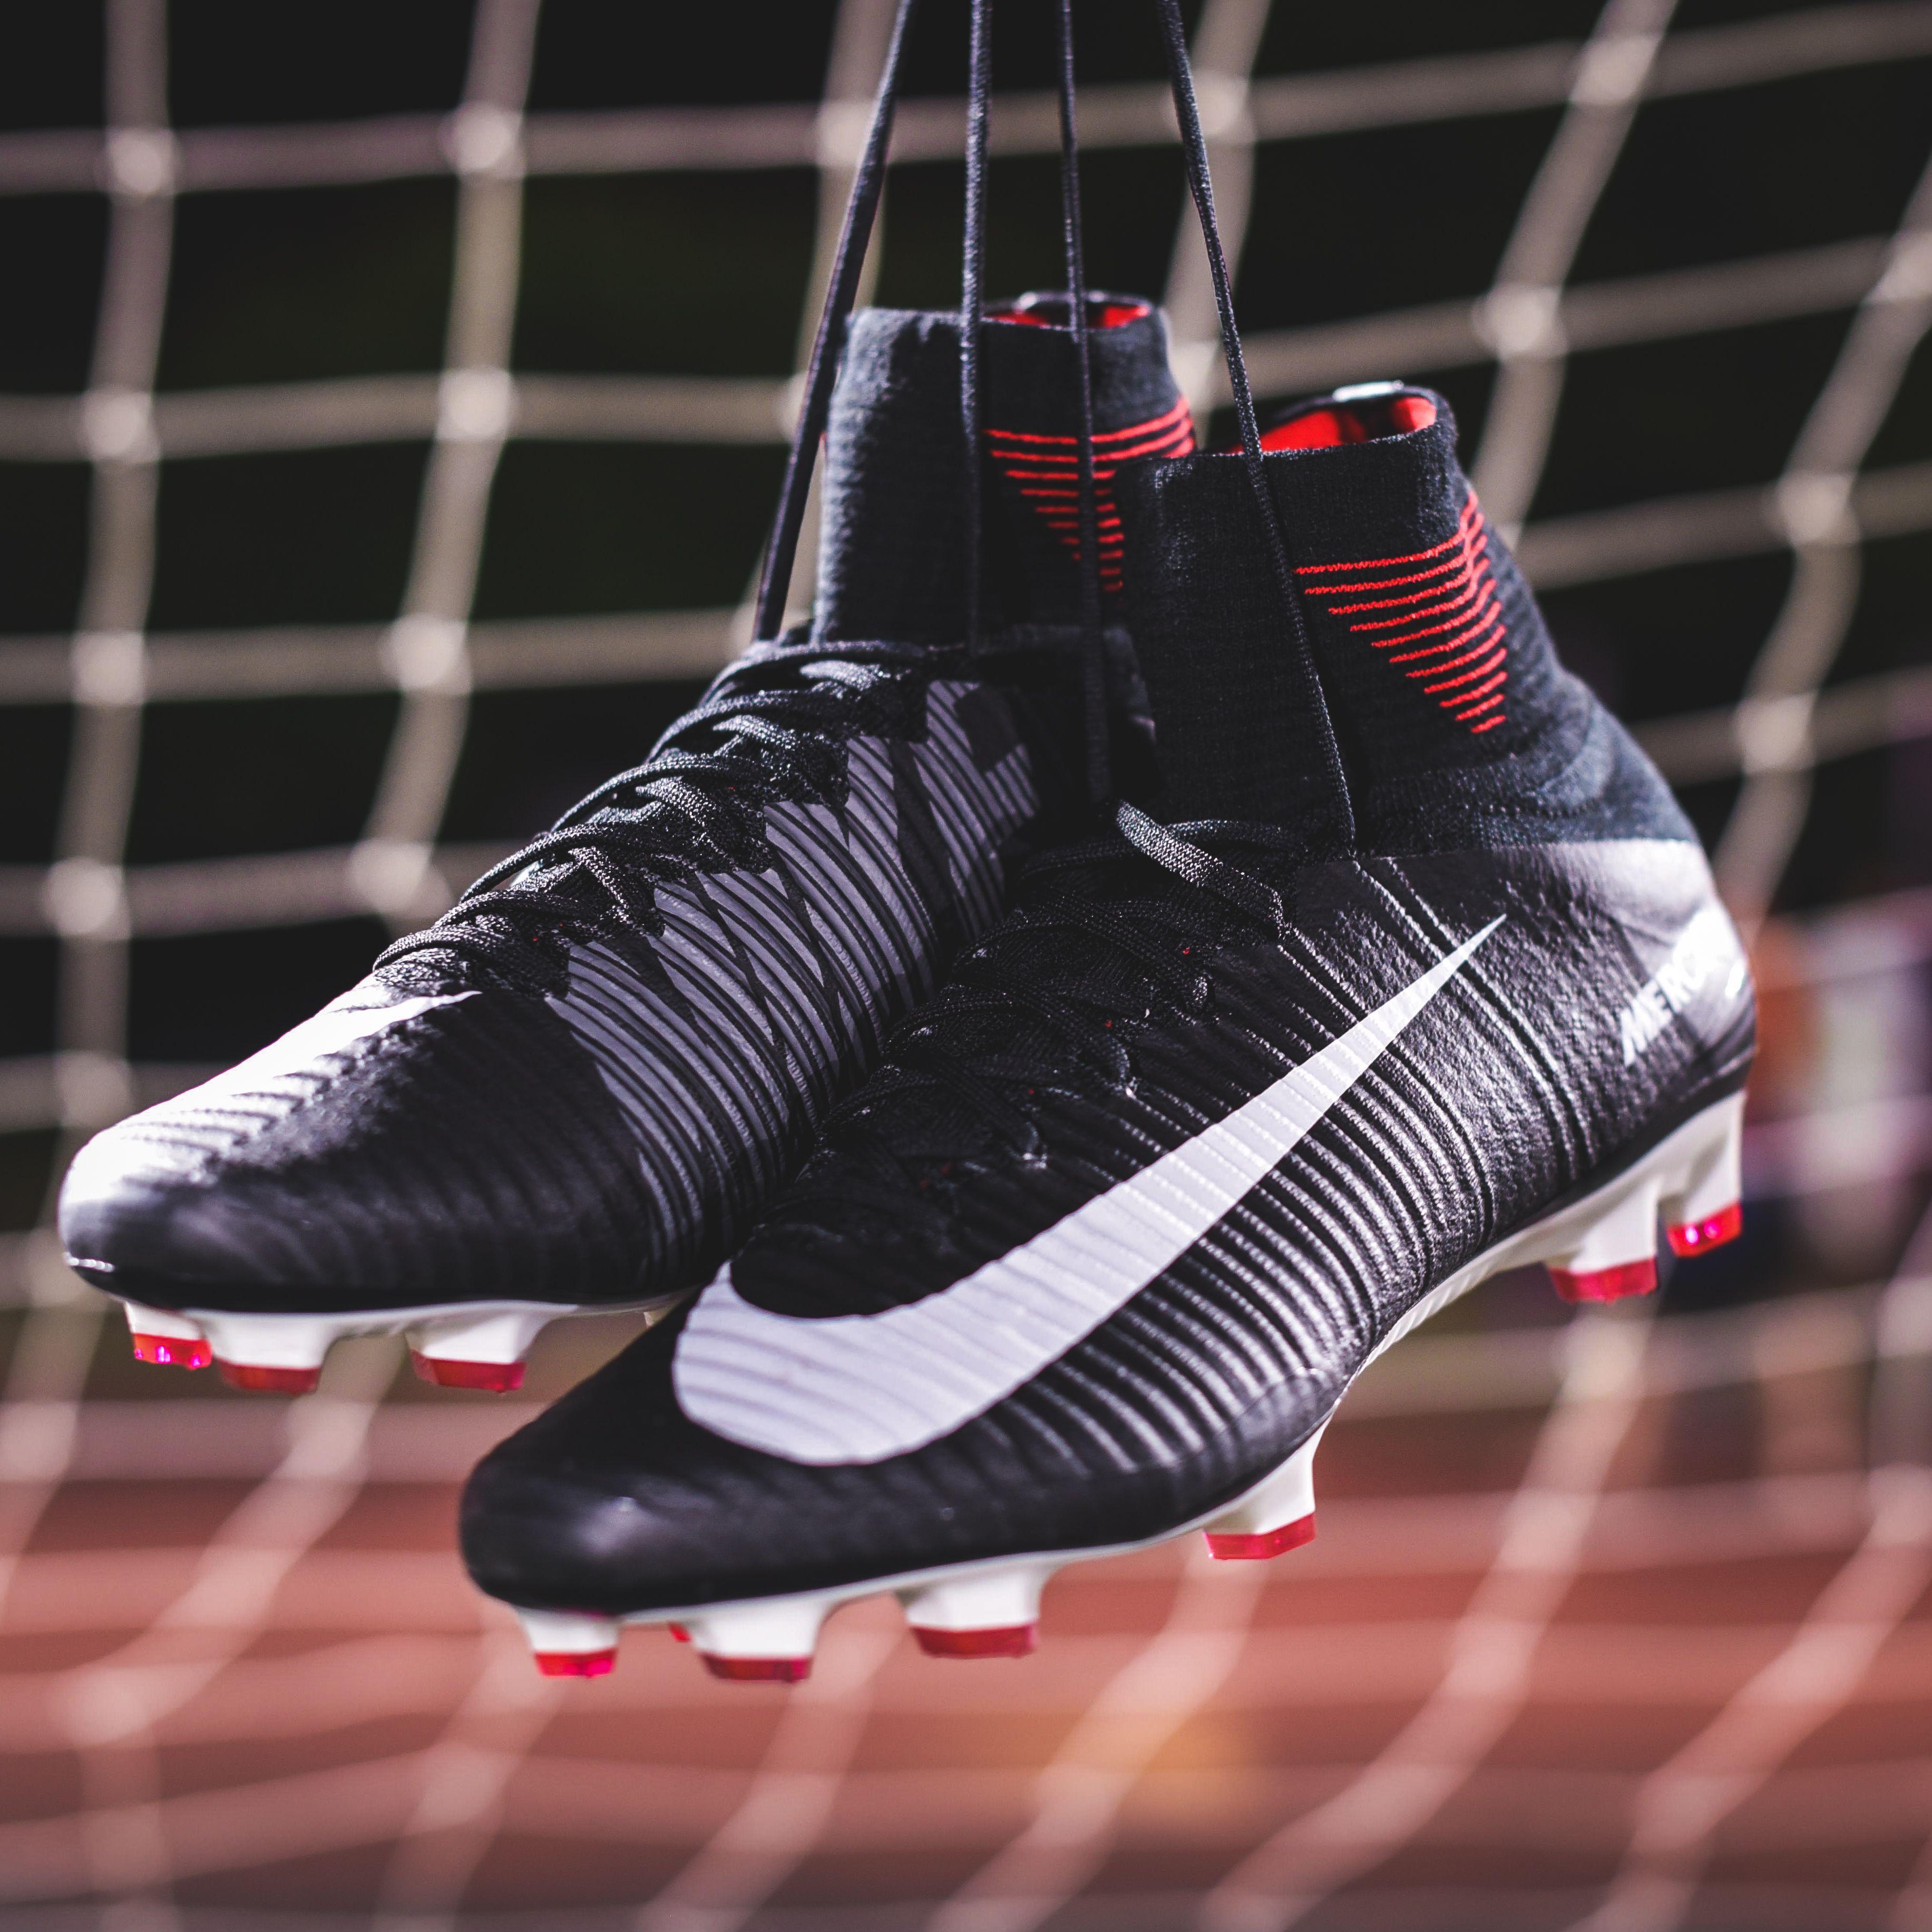 reputable site 94a36 6eef4 ... Nike Mercurial Superfly ...